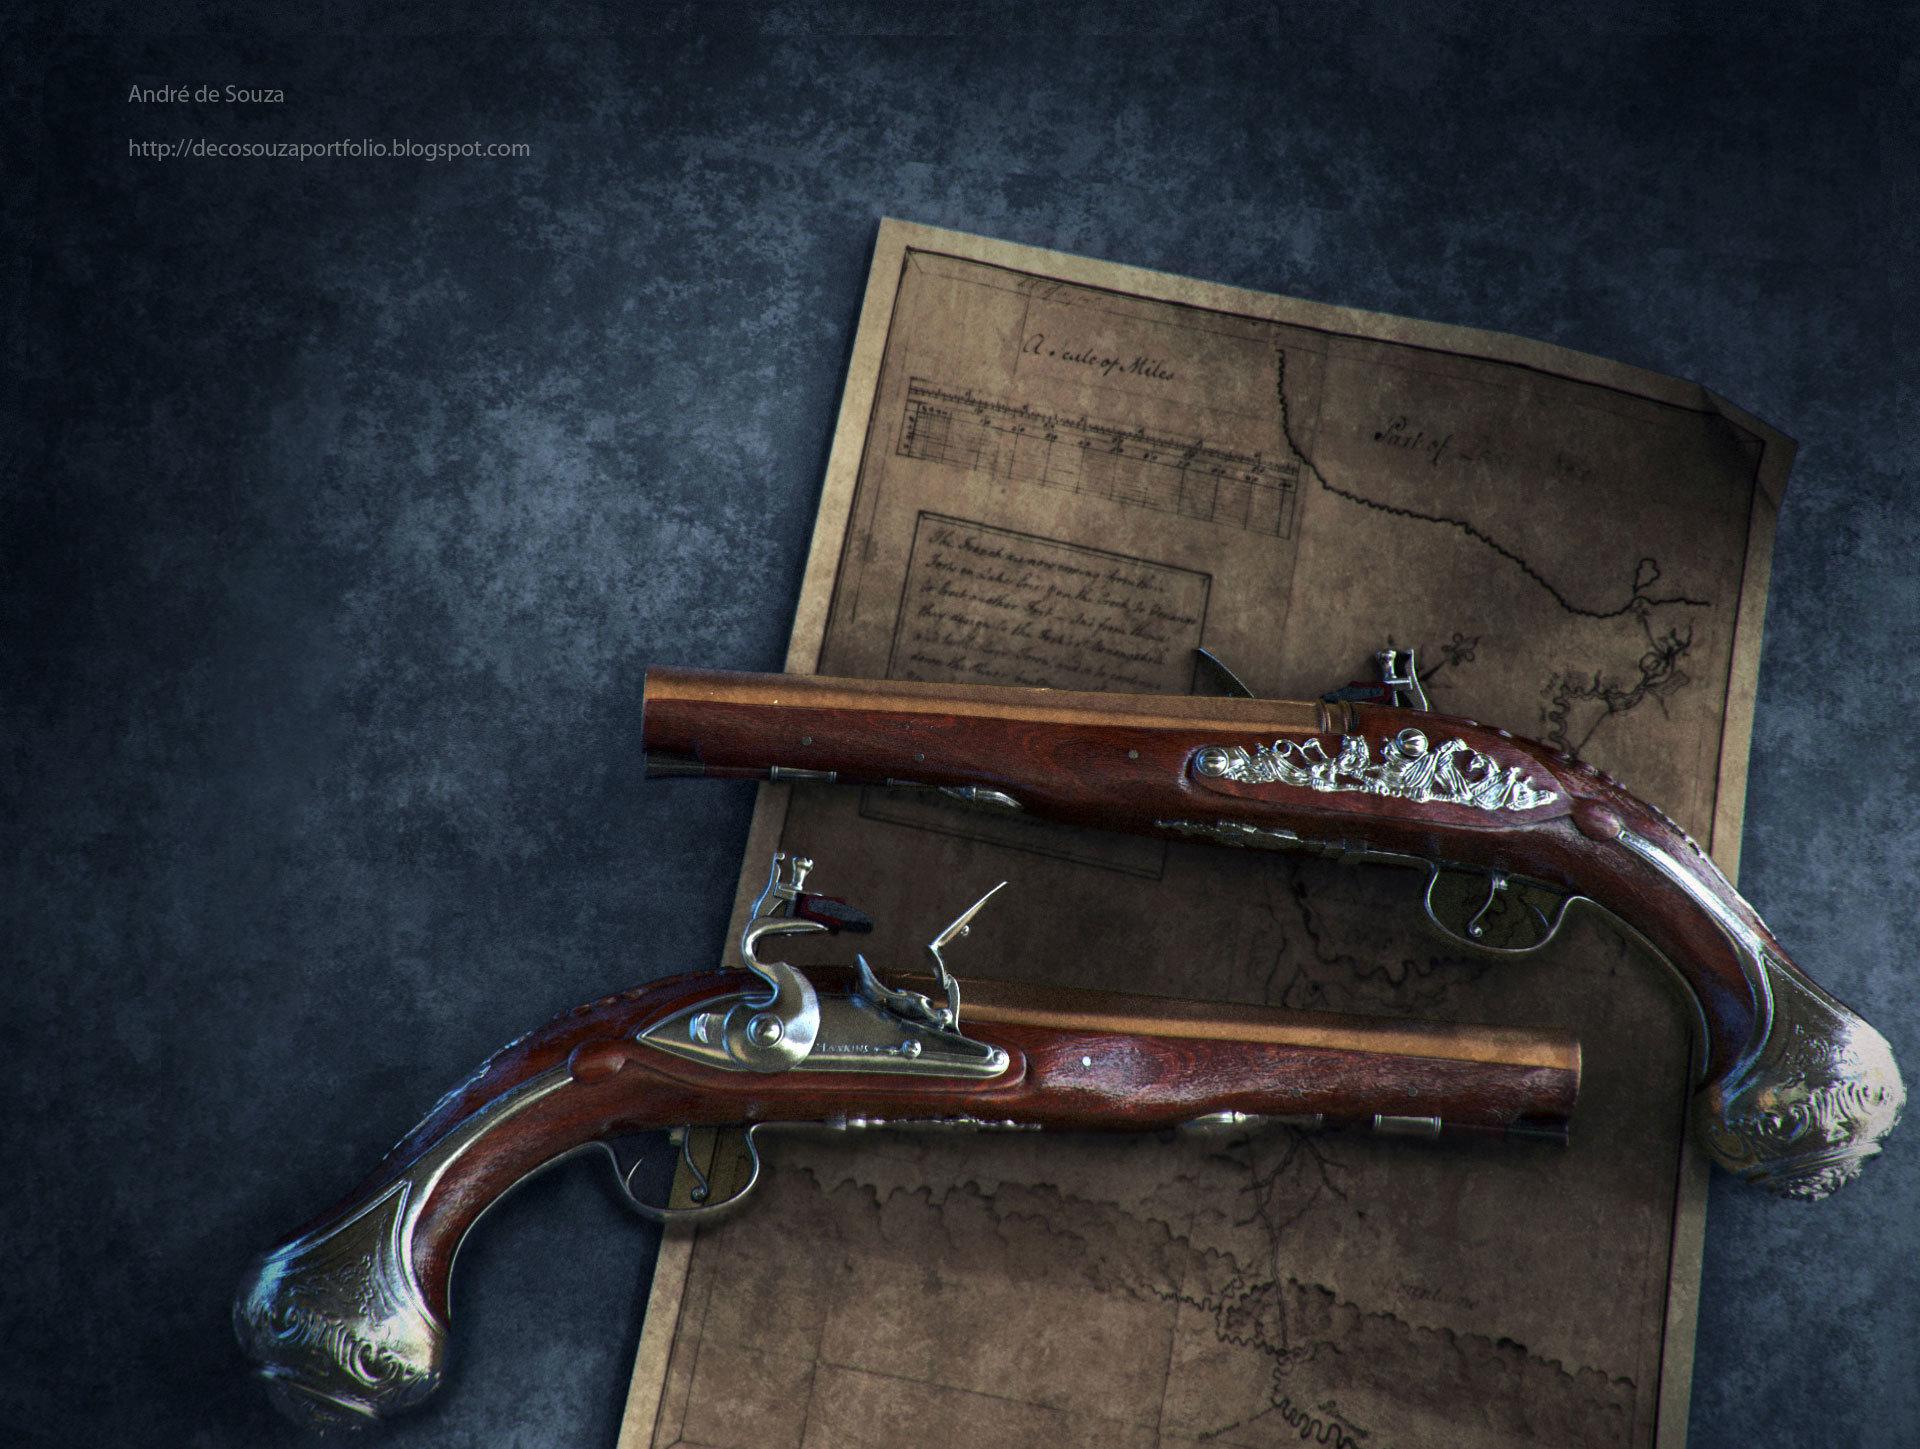 Andre de souza flintlock pistol